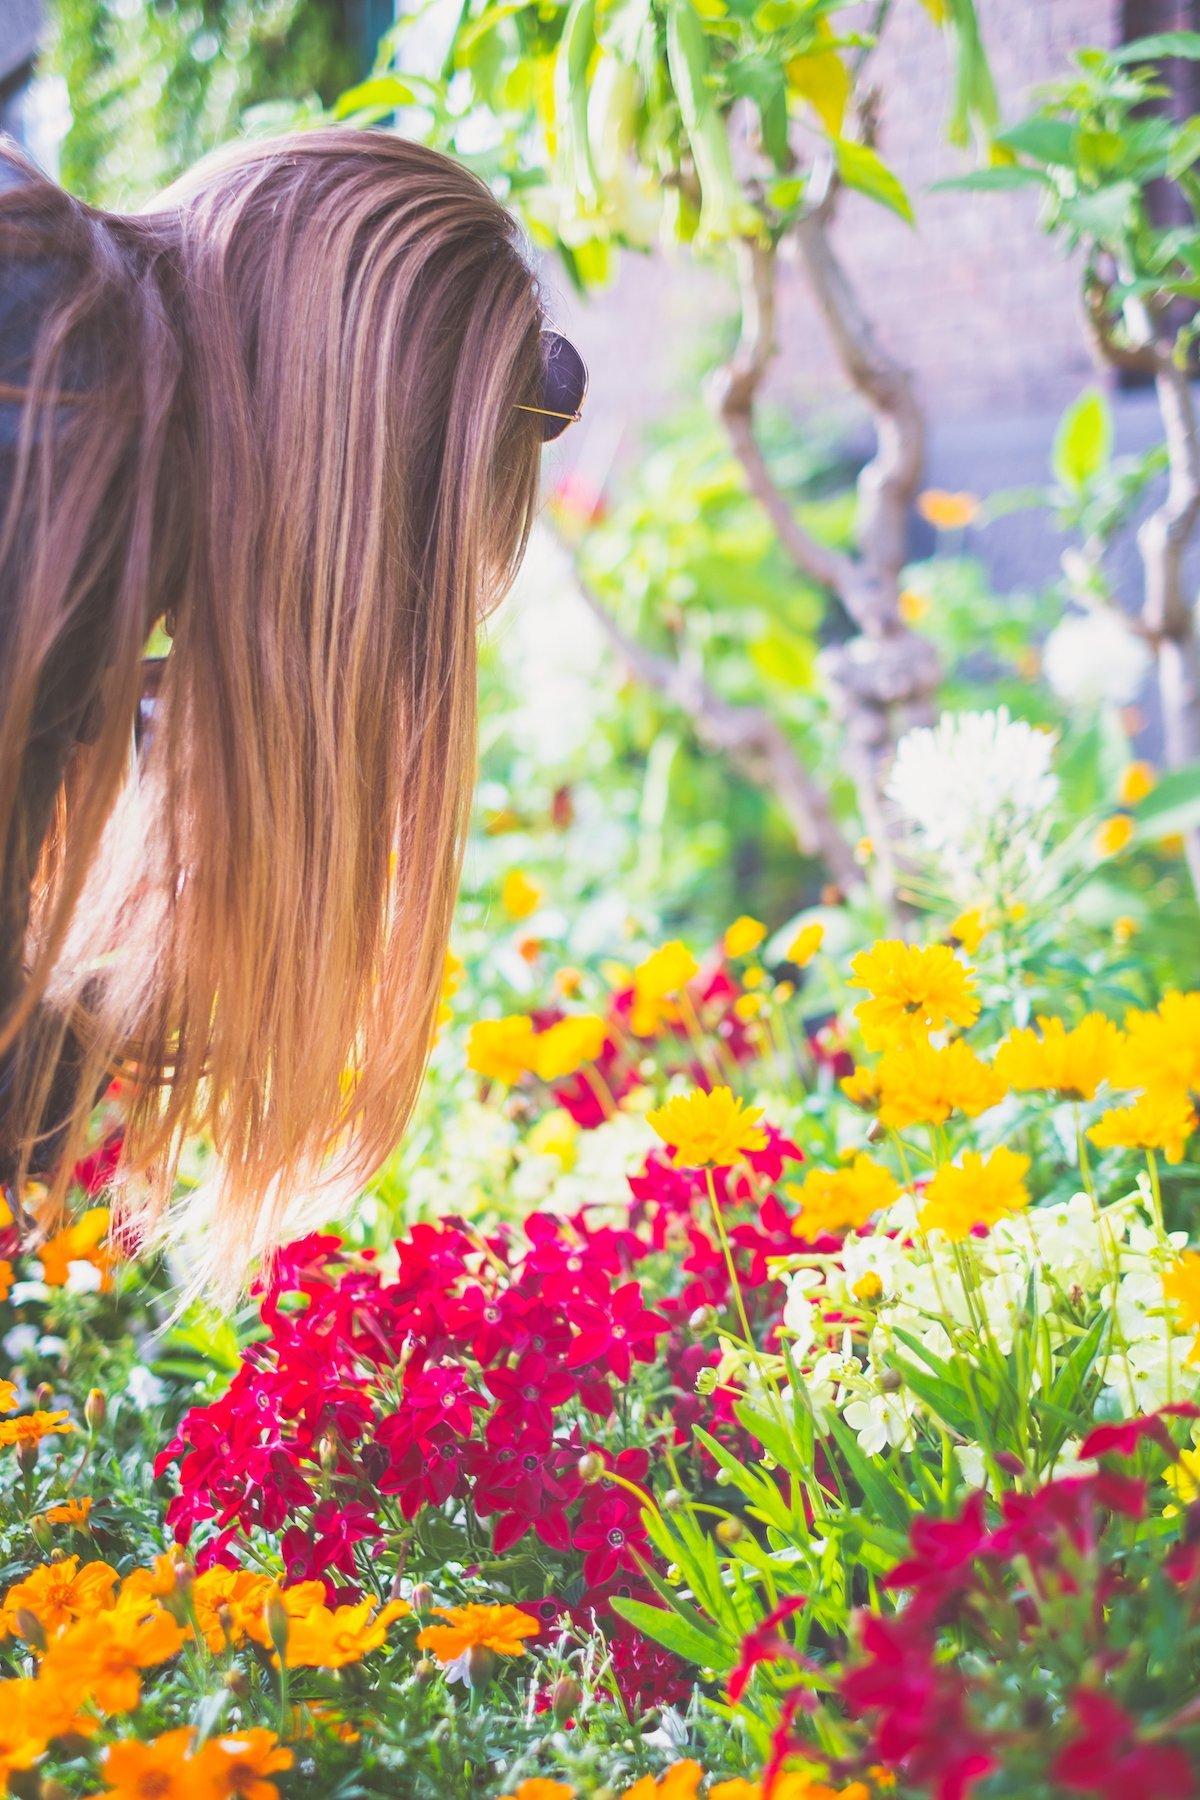 Kopenhagen Rathaus Blumenbeete Pflanzen Exotisch Diana MANCVE Blond Haare Gegenlicht Spitzen Blüten Aufblühen Sommer Grün Vegetation